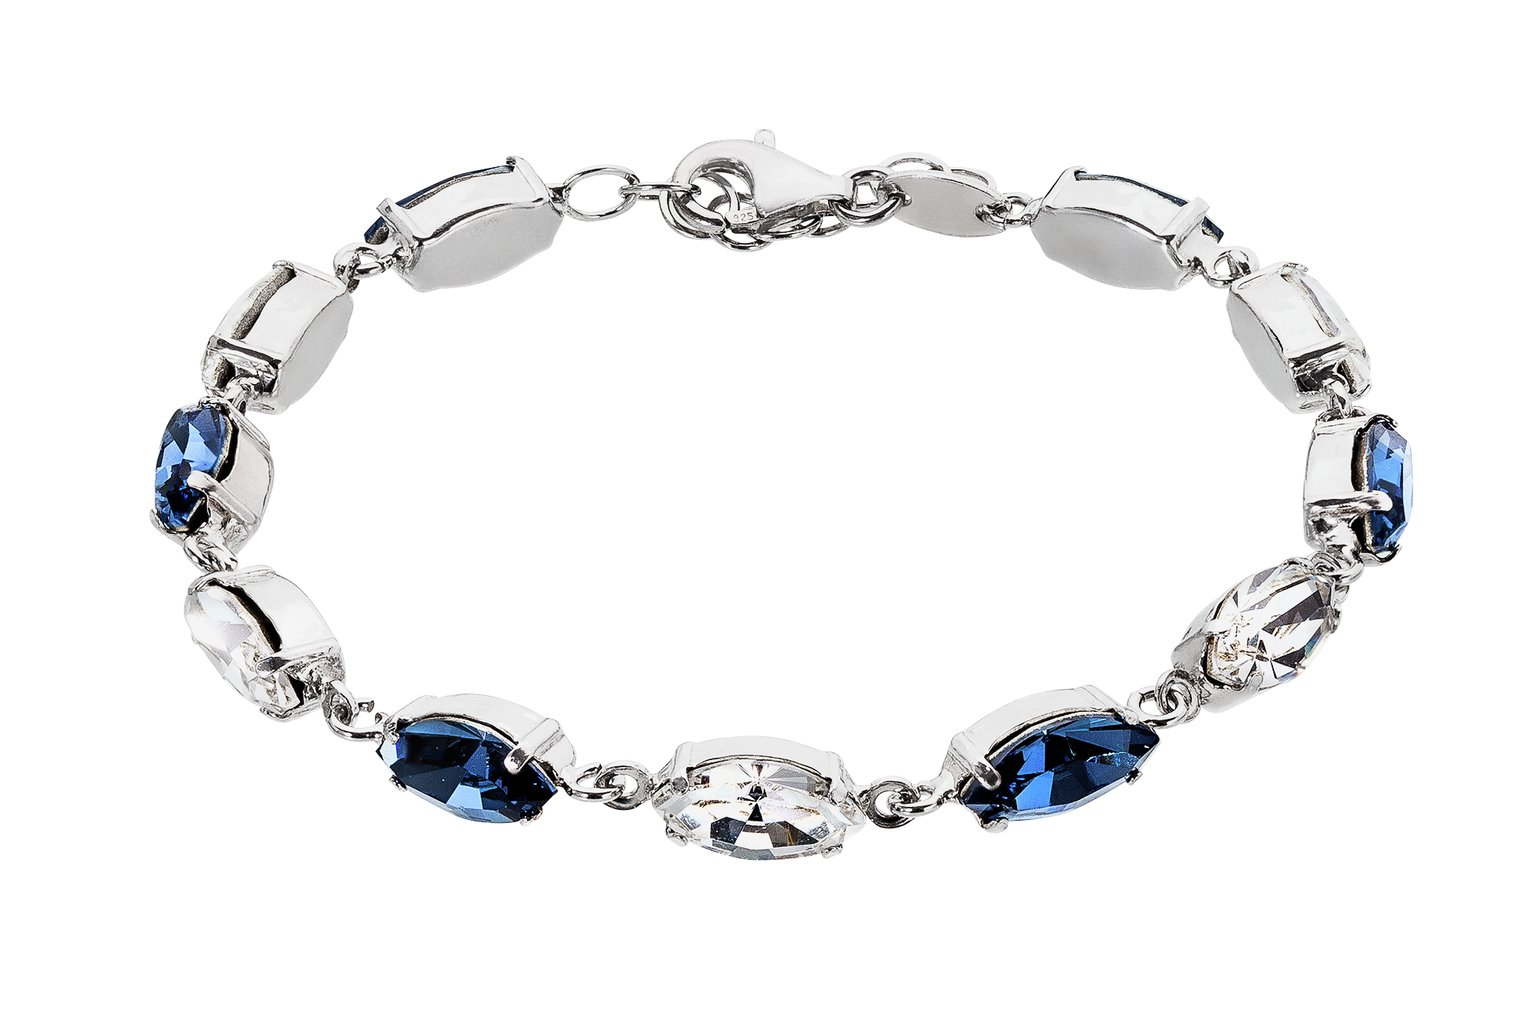 Image of Davvero Sterling Silver Blue Tone Swarovski Crystal Bracelet